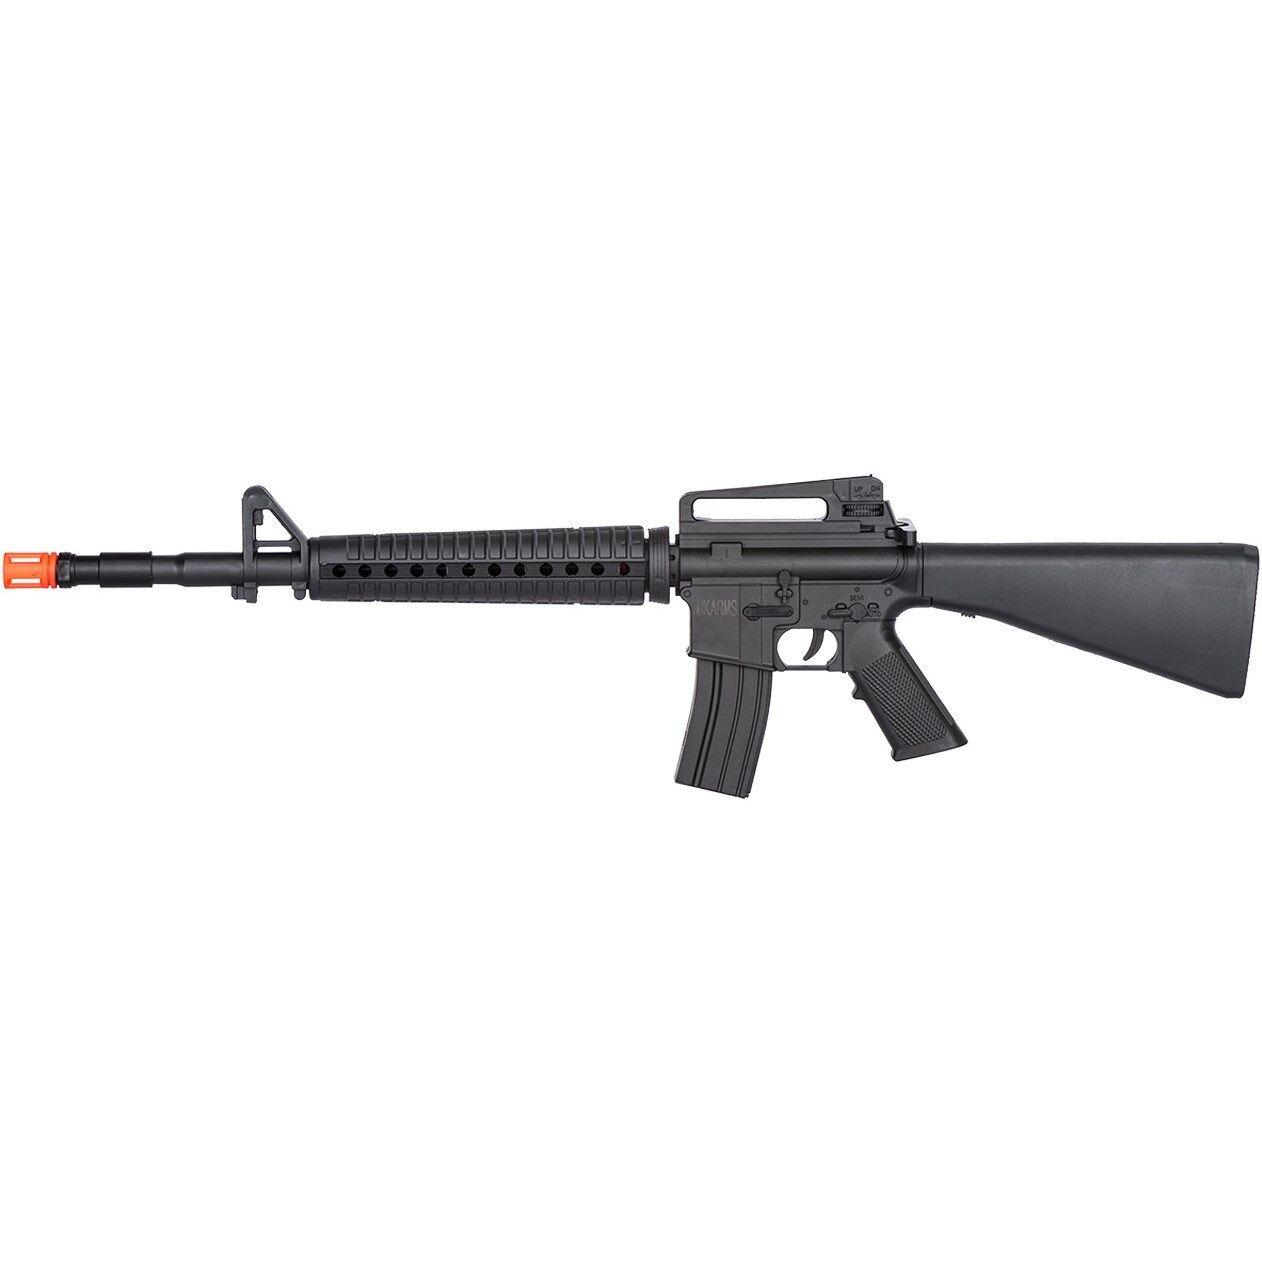 AIRSOFT M-16 TACTICAL SPRING RIFLE GUN w/ 6mm BB BBs Vietnam